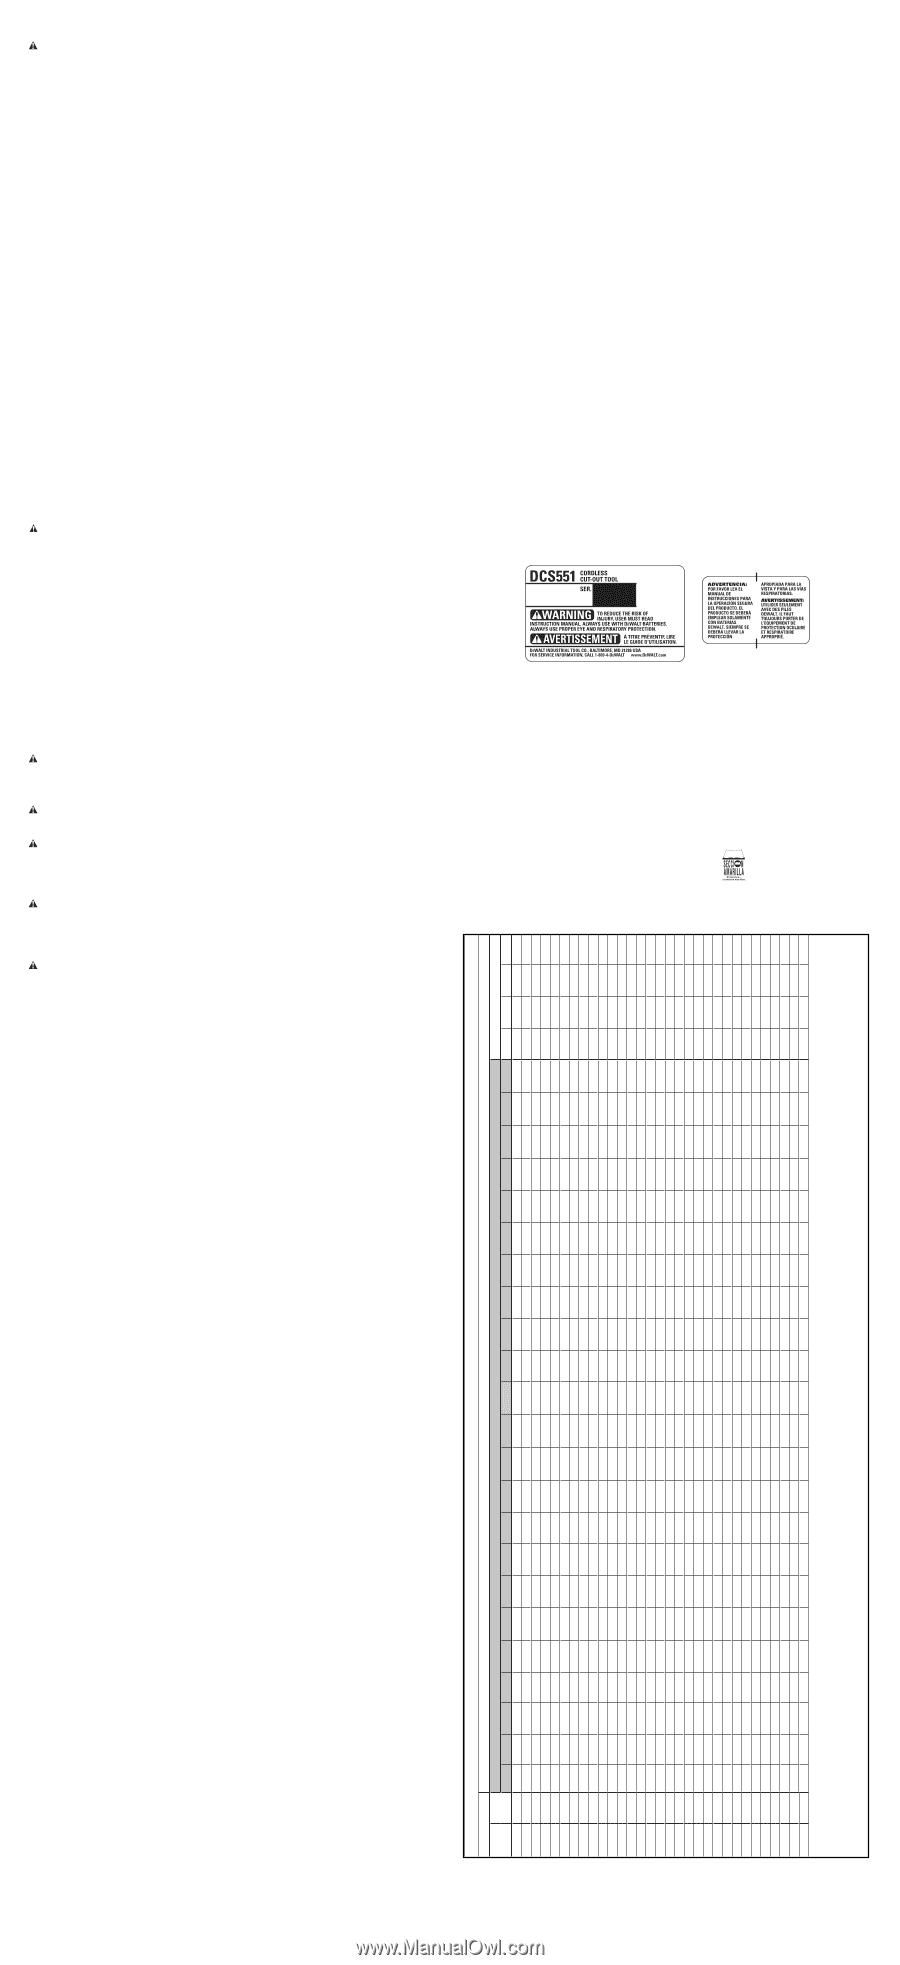 Dewalt DCS551 20 V sans fil Découpe Outil Housing Assembly